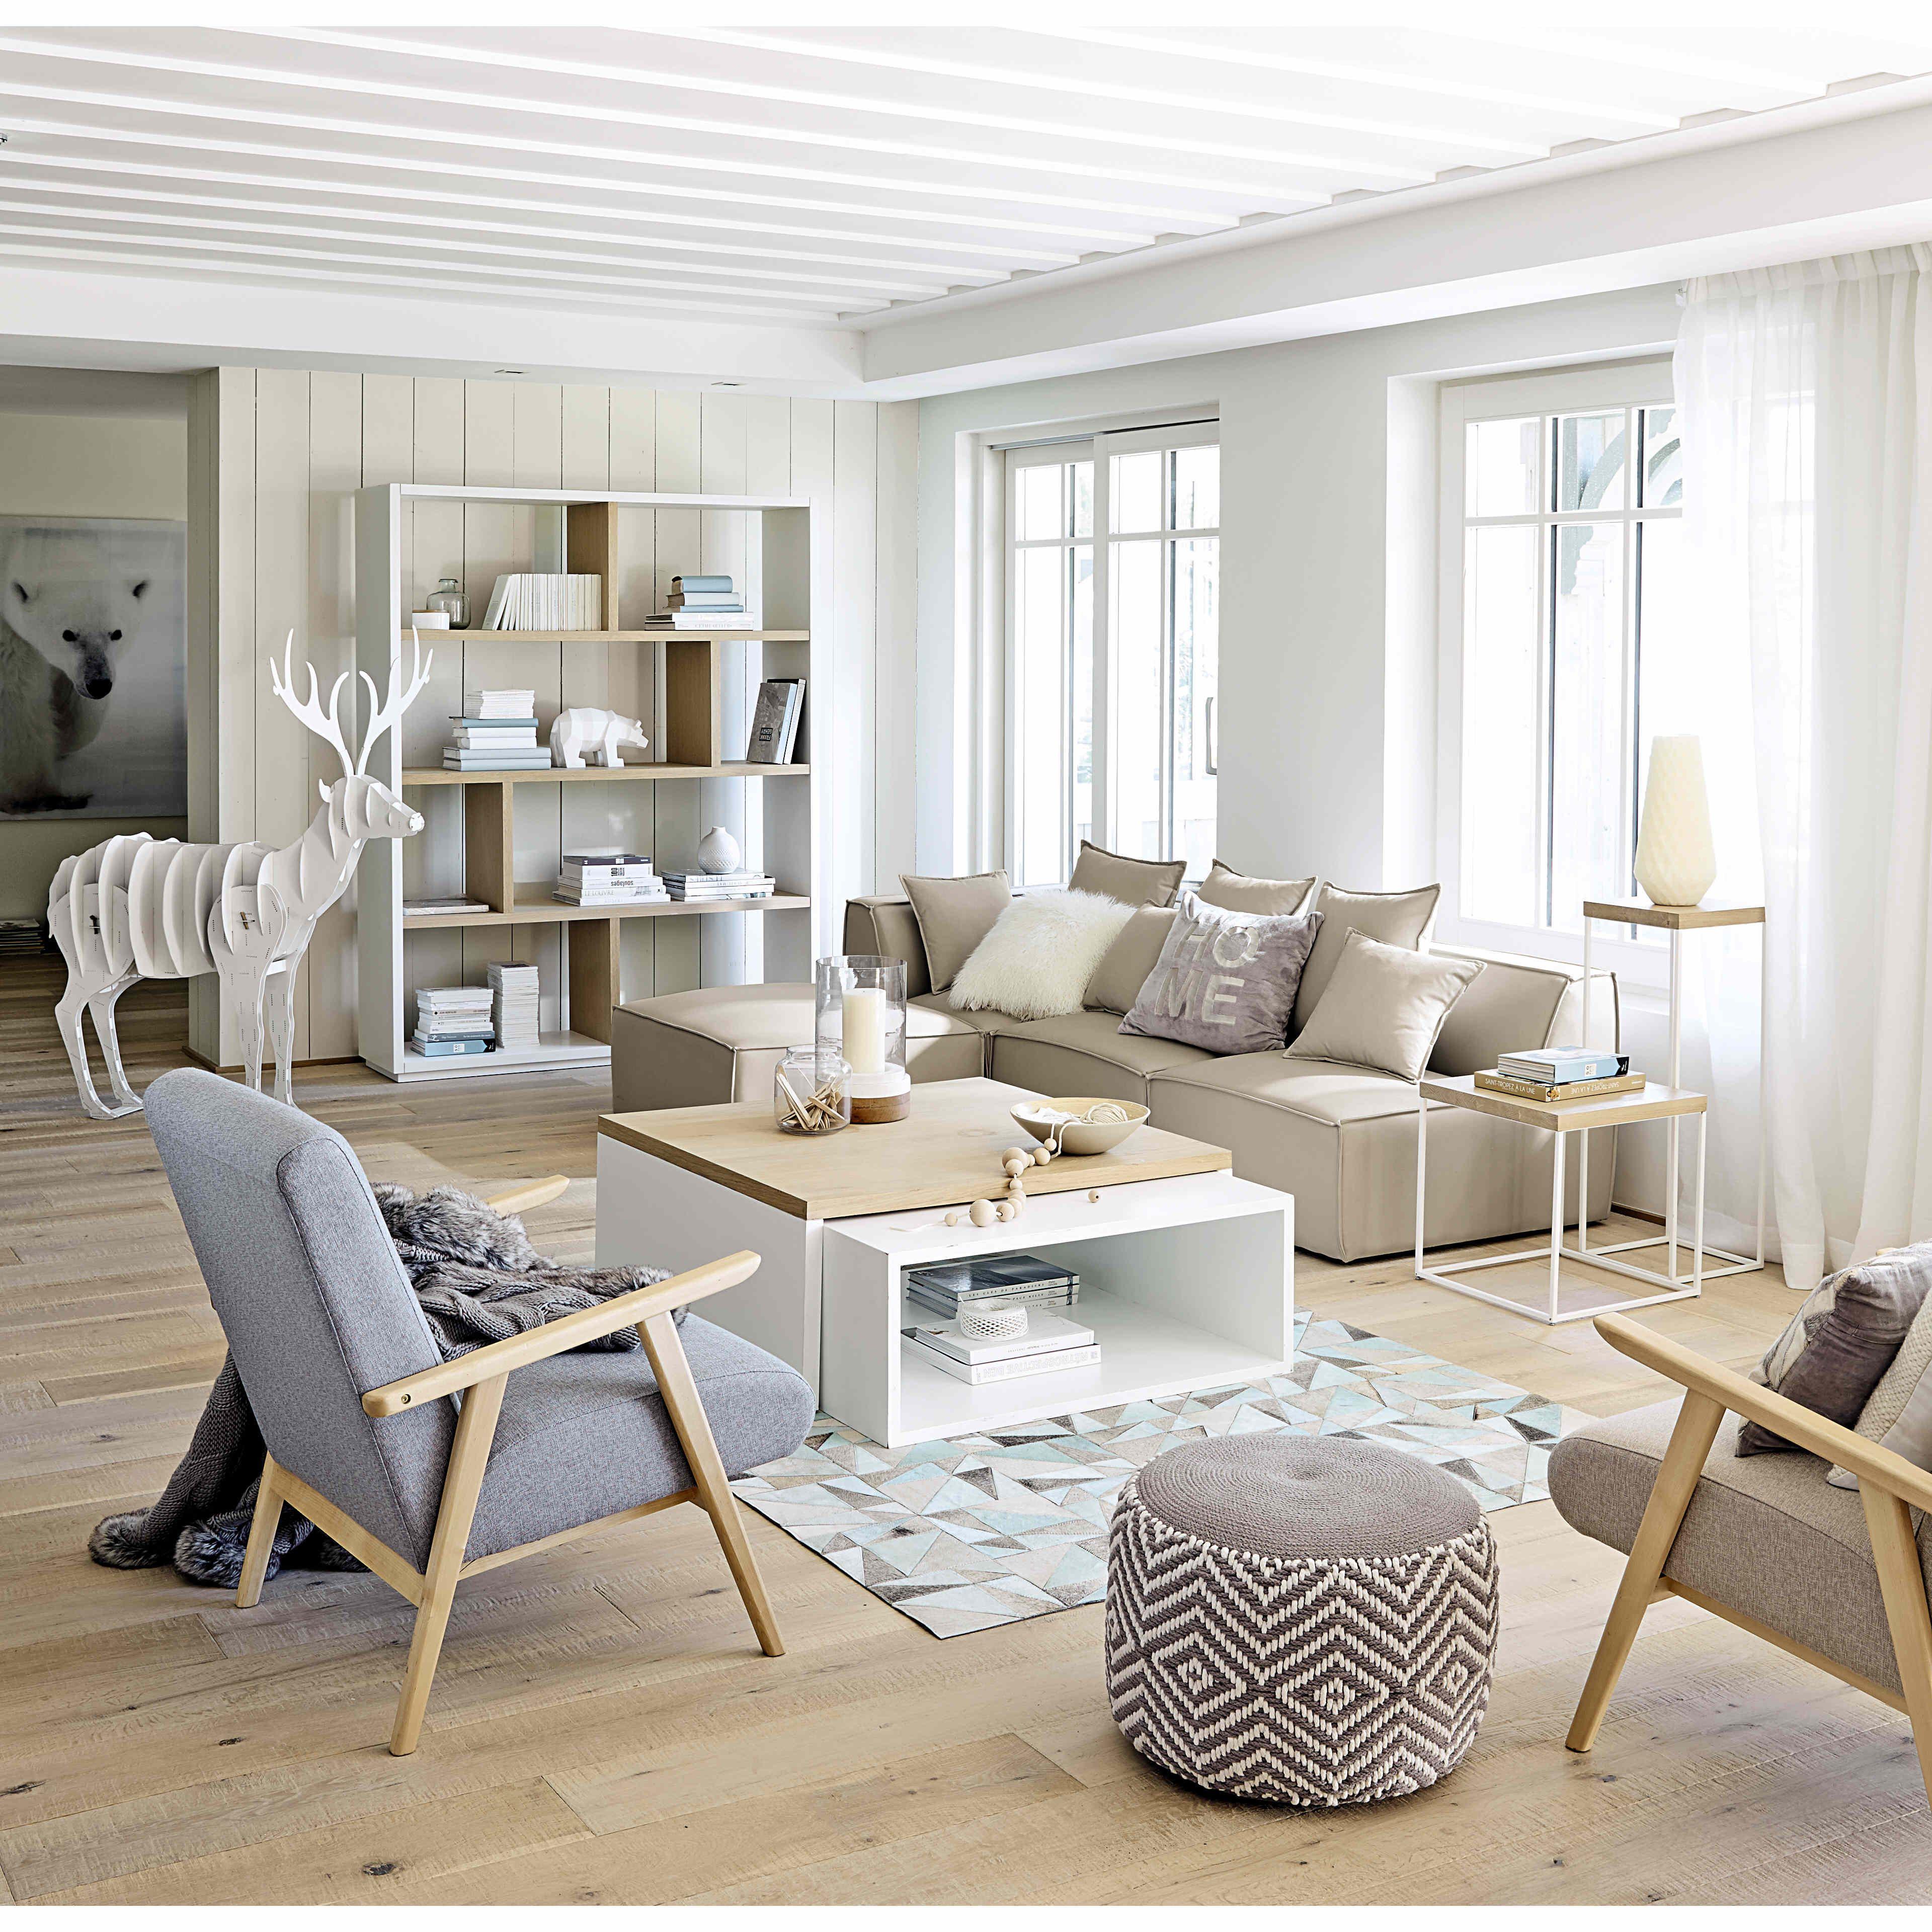 Fauteuil met beige bekleding benson maisons du monde de l 39 int rieur pinterest maison du - Maison du monde 94 ...